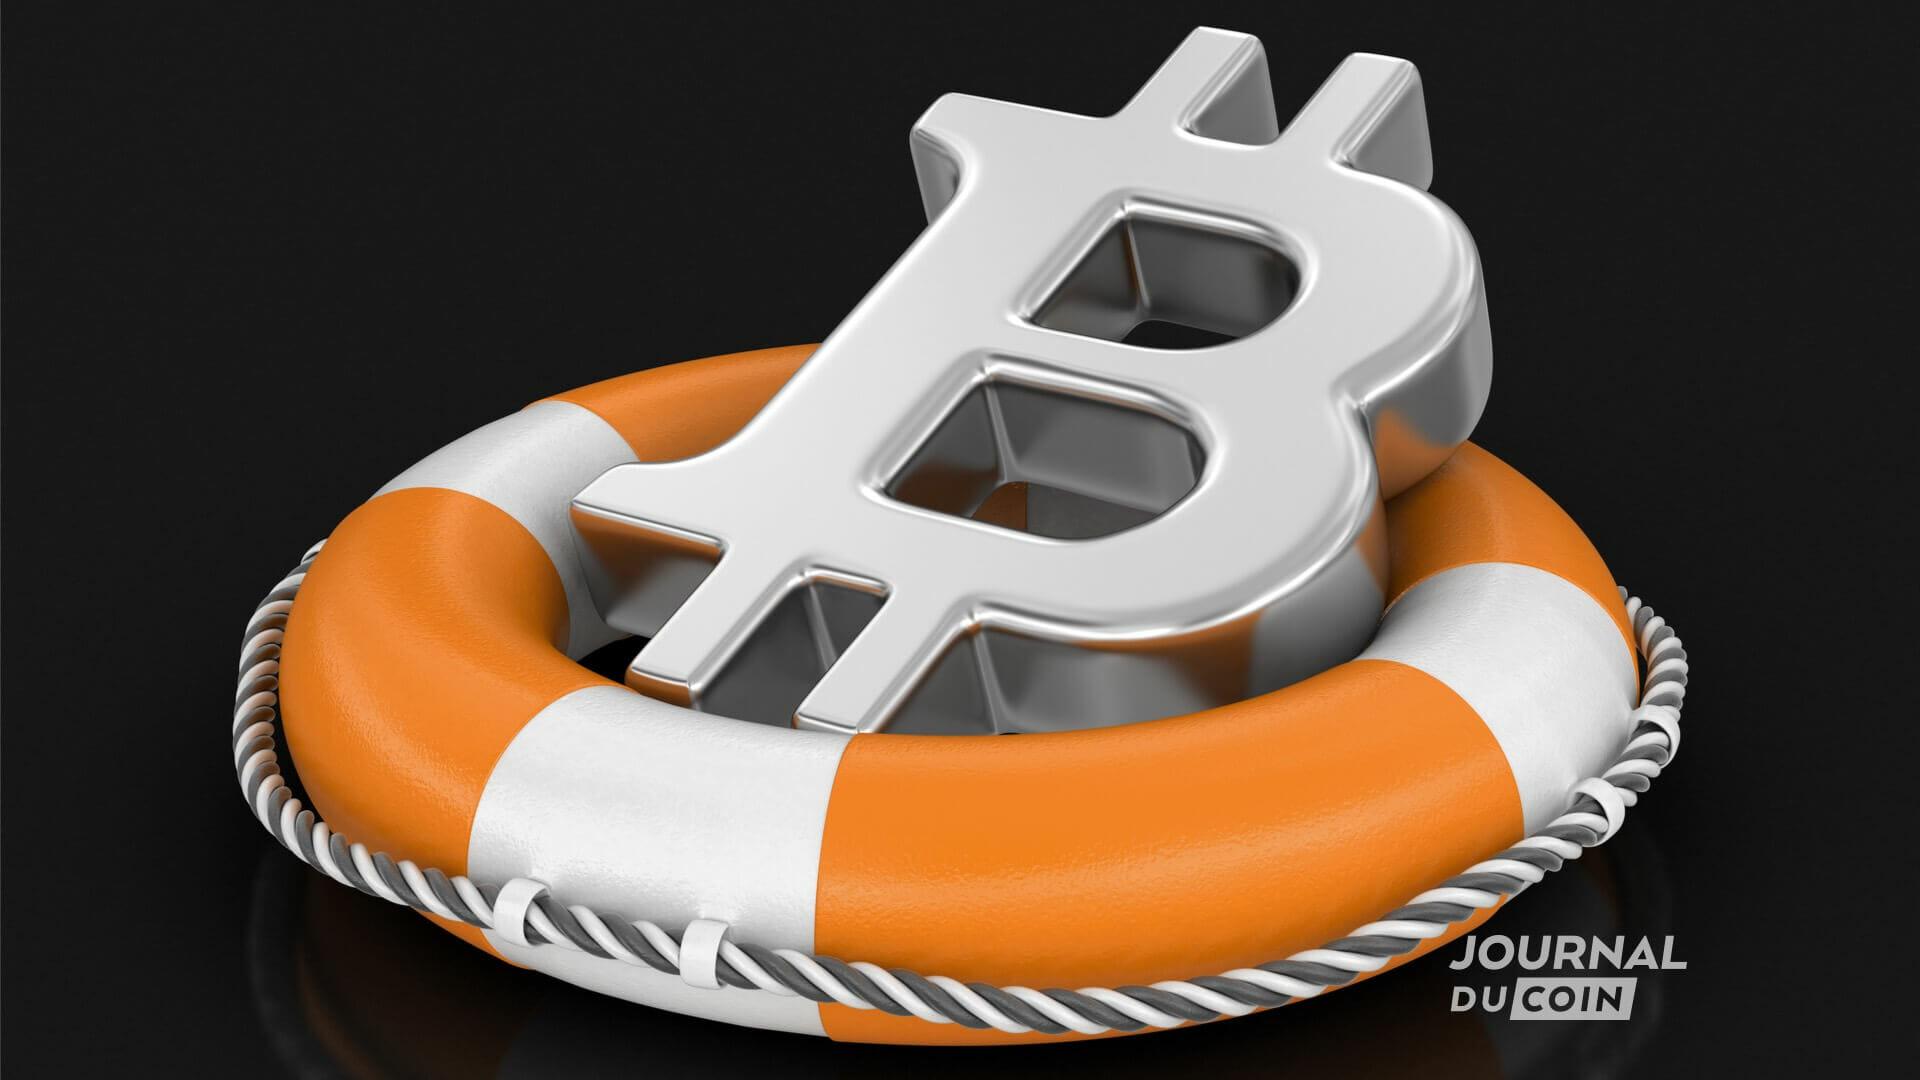 Tradez Bitcoin et les cryptos en toute sécurité – FTX et Binance renoncent aux leviers délirants